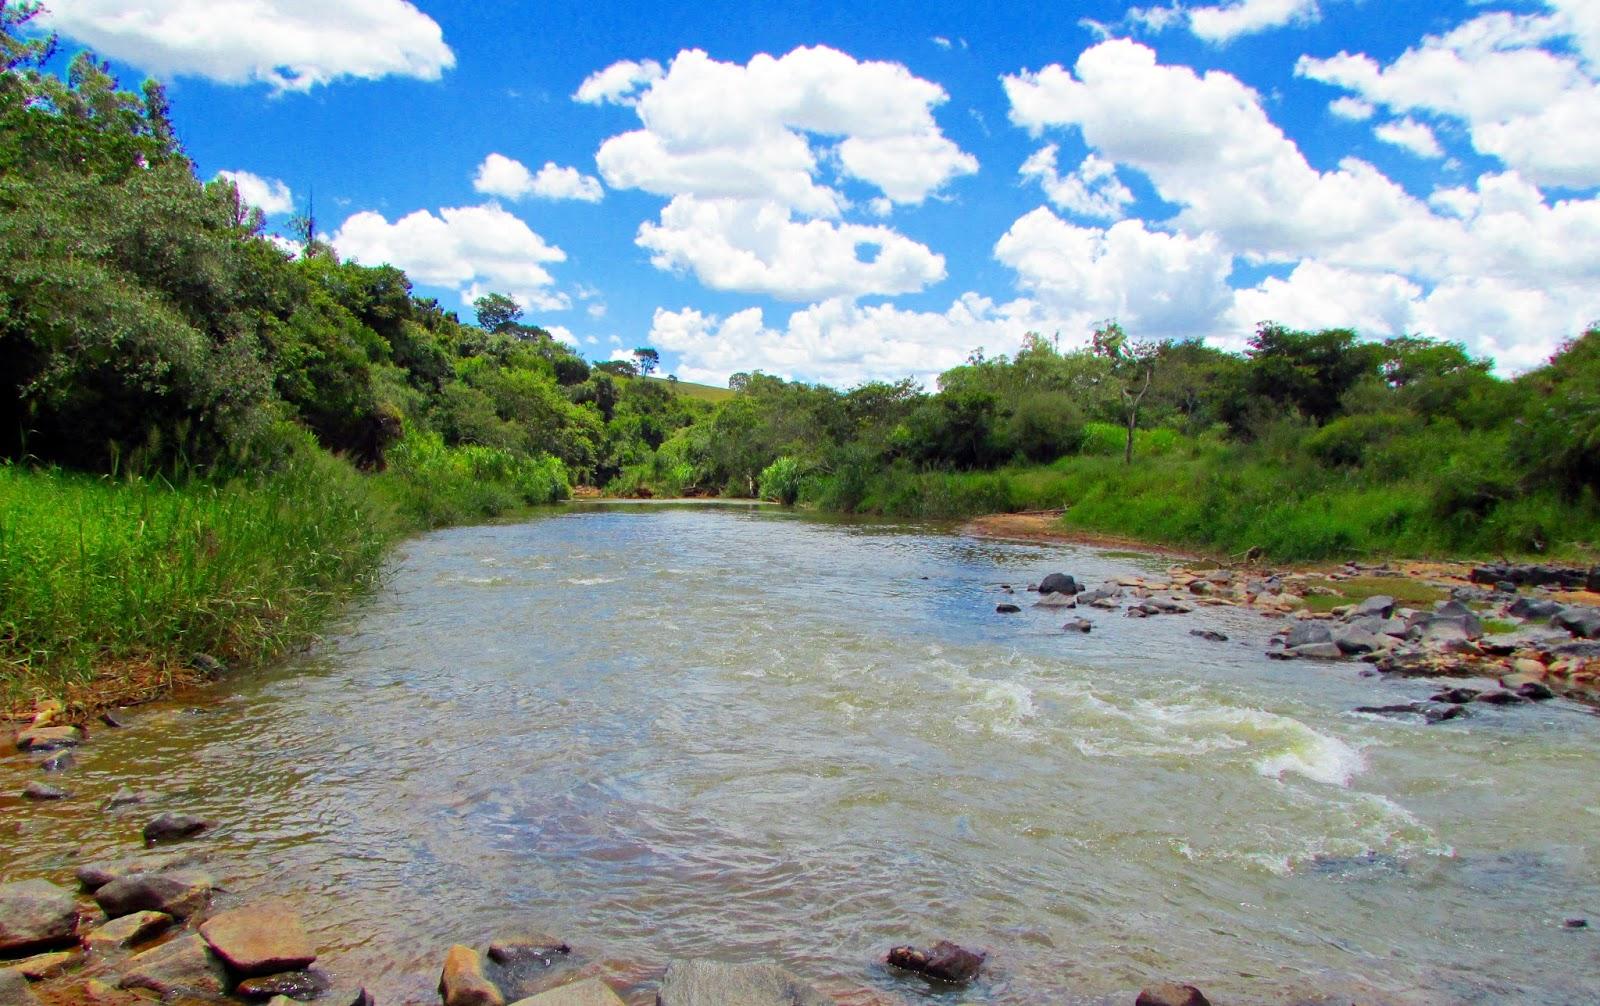 Rio Servo em Nepomuceno - MG.